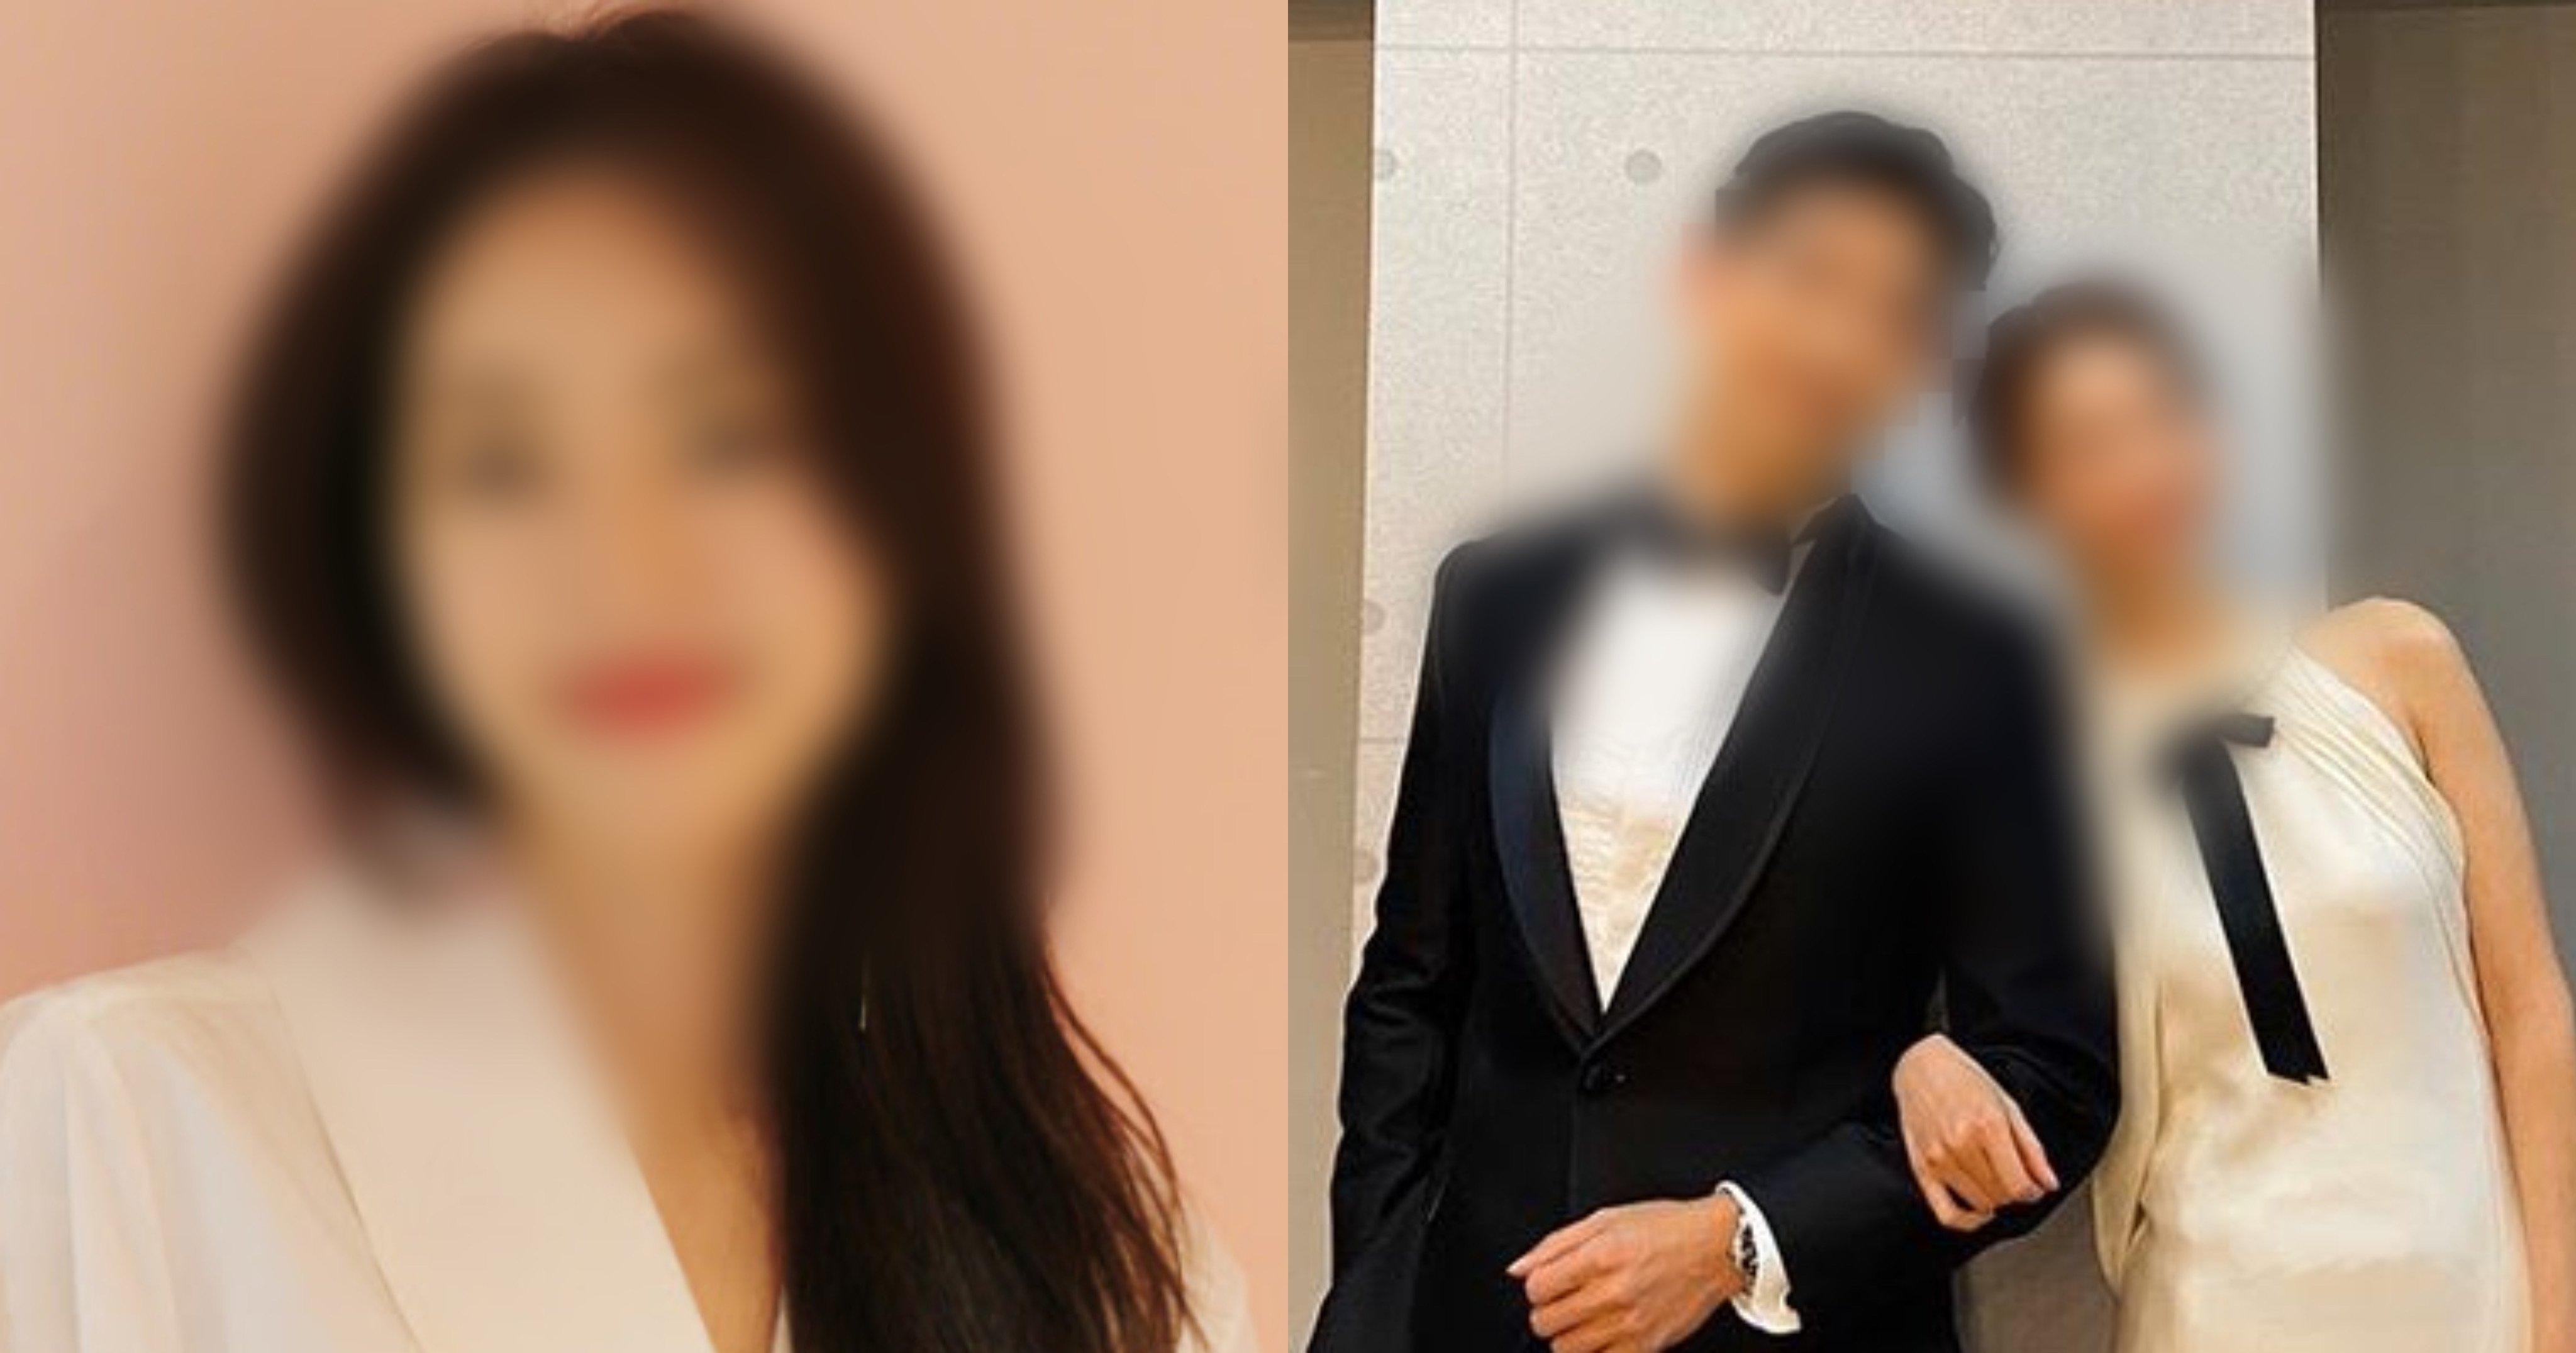 ec8db8e38581e38581e38581e38581e38581e38581.jpg?resize=412,275 - 'SM 상' 의 대표 얼굴 '000' 결혼 후 SM과 계약 종료